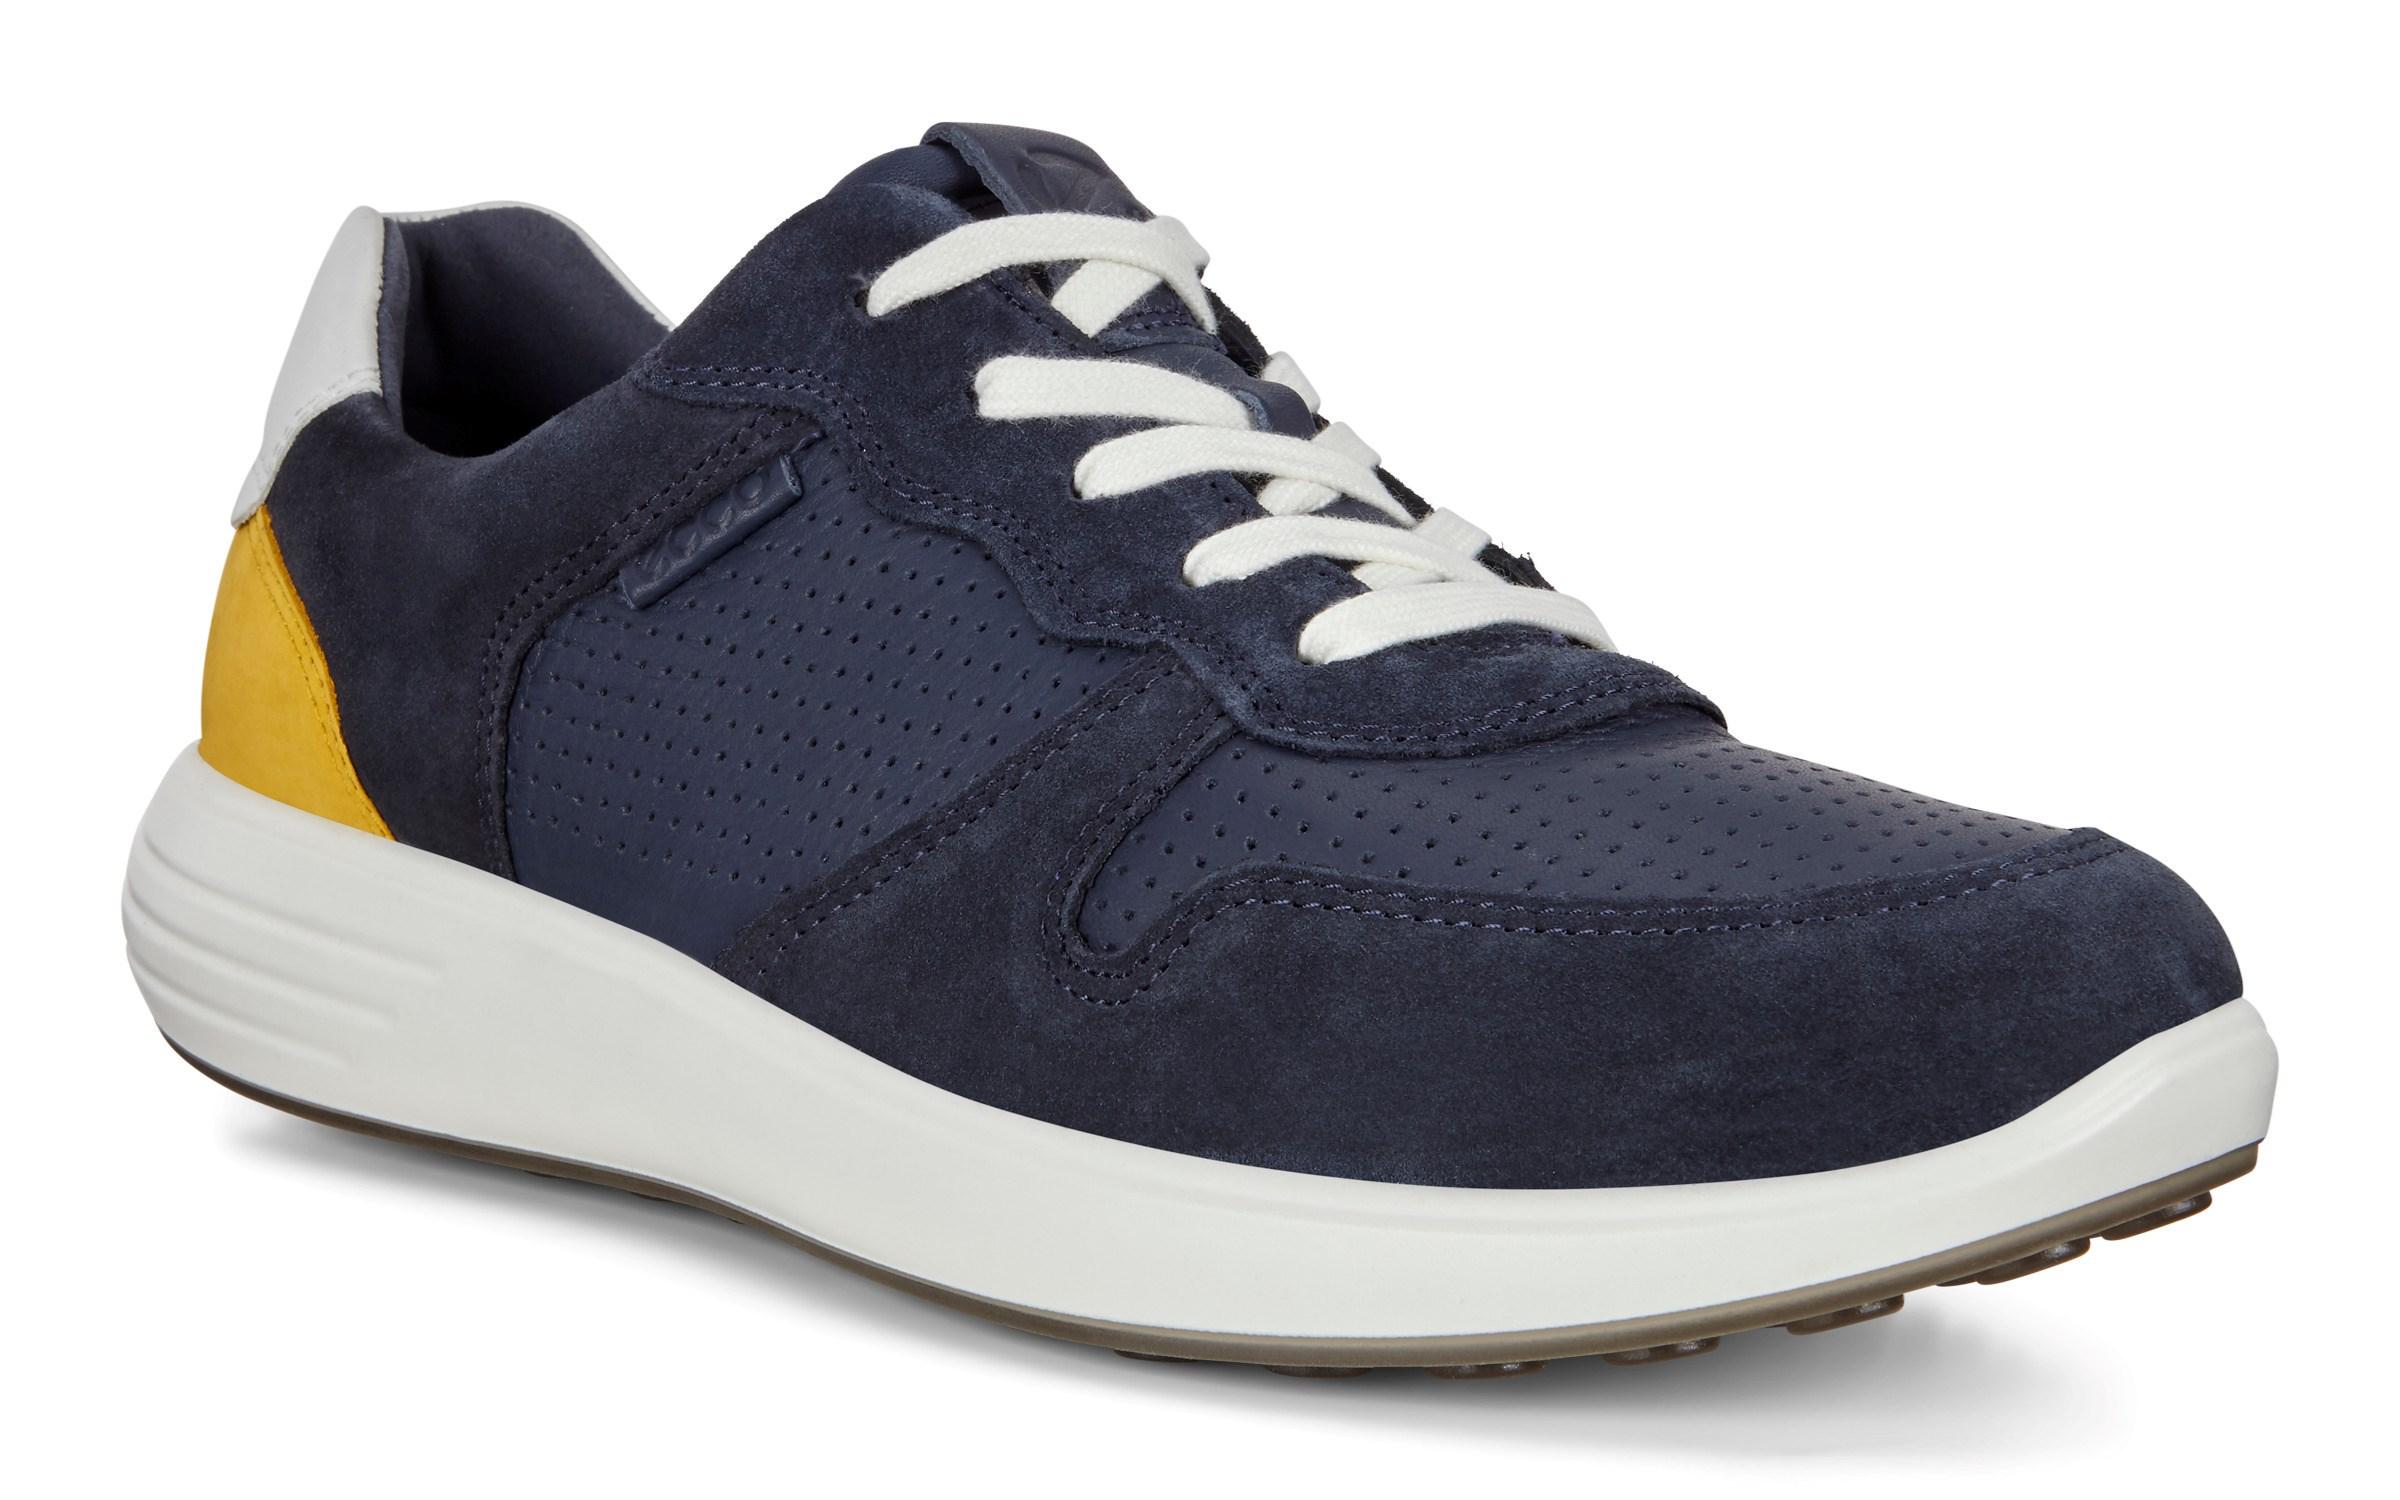 Ecco Sneakers Blauw 460624